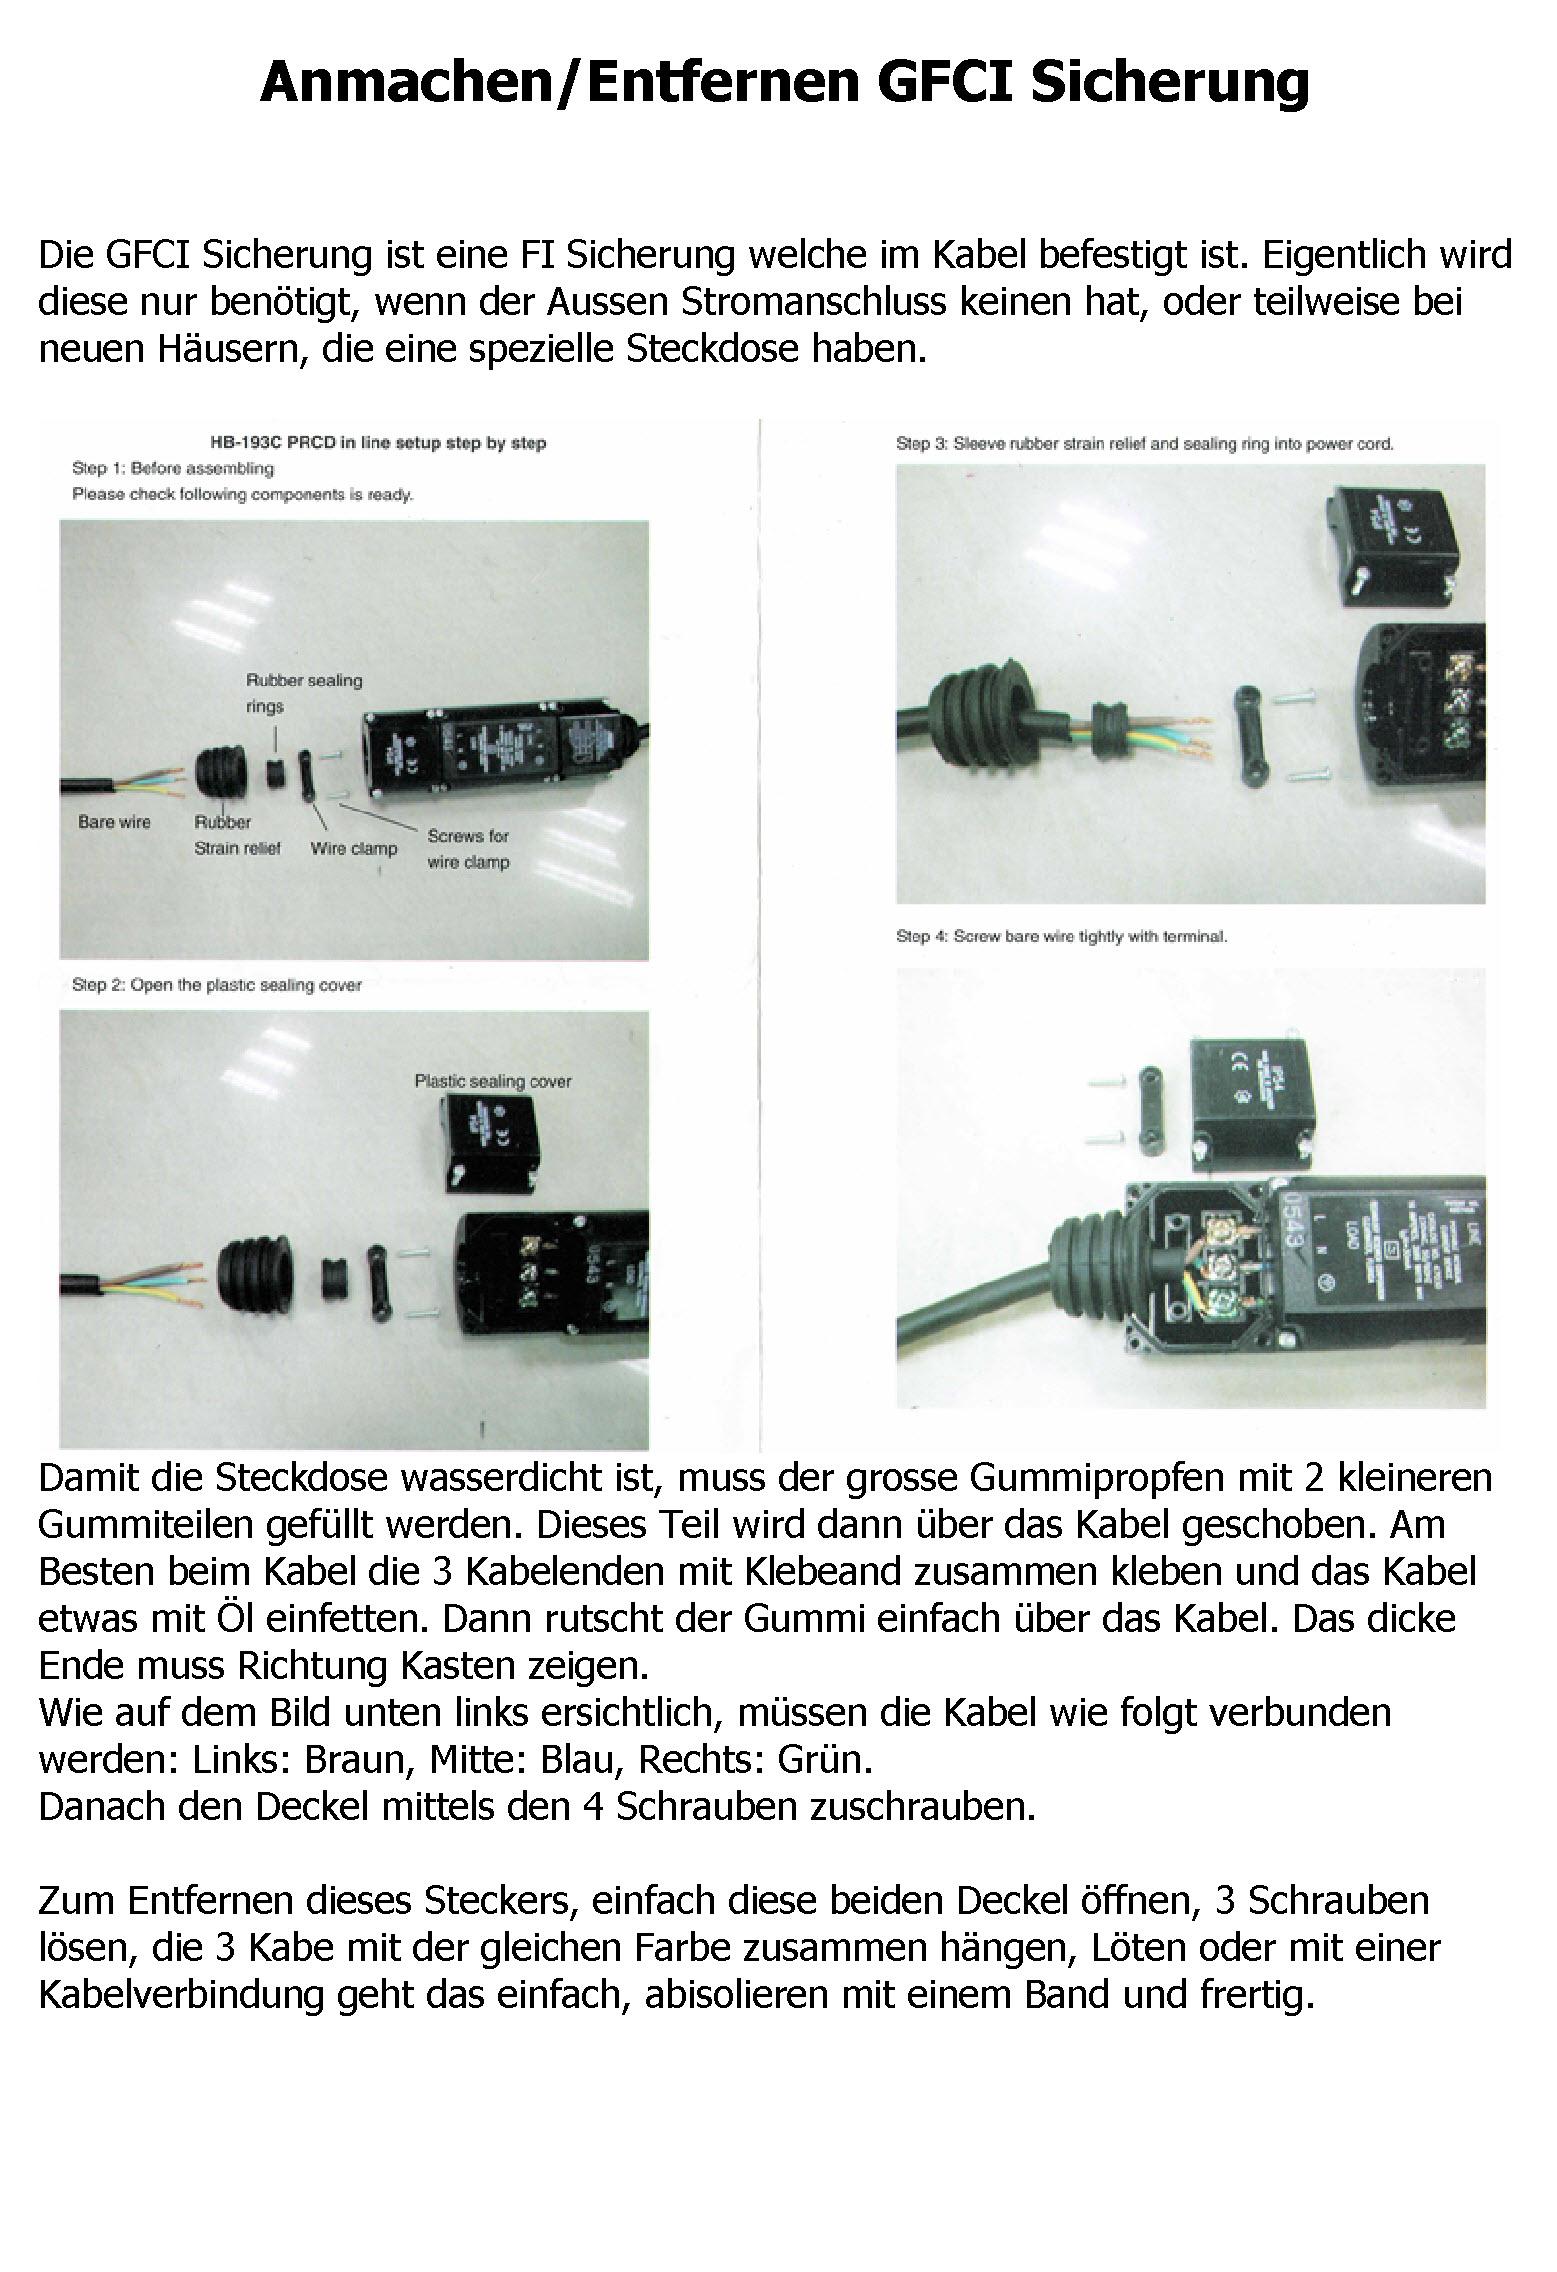 Gemütlich Gfci Steckdose Schaltplan Galerie - Die Besten ...